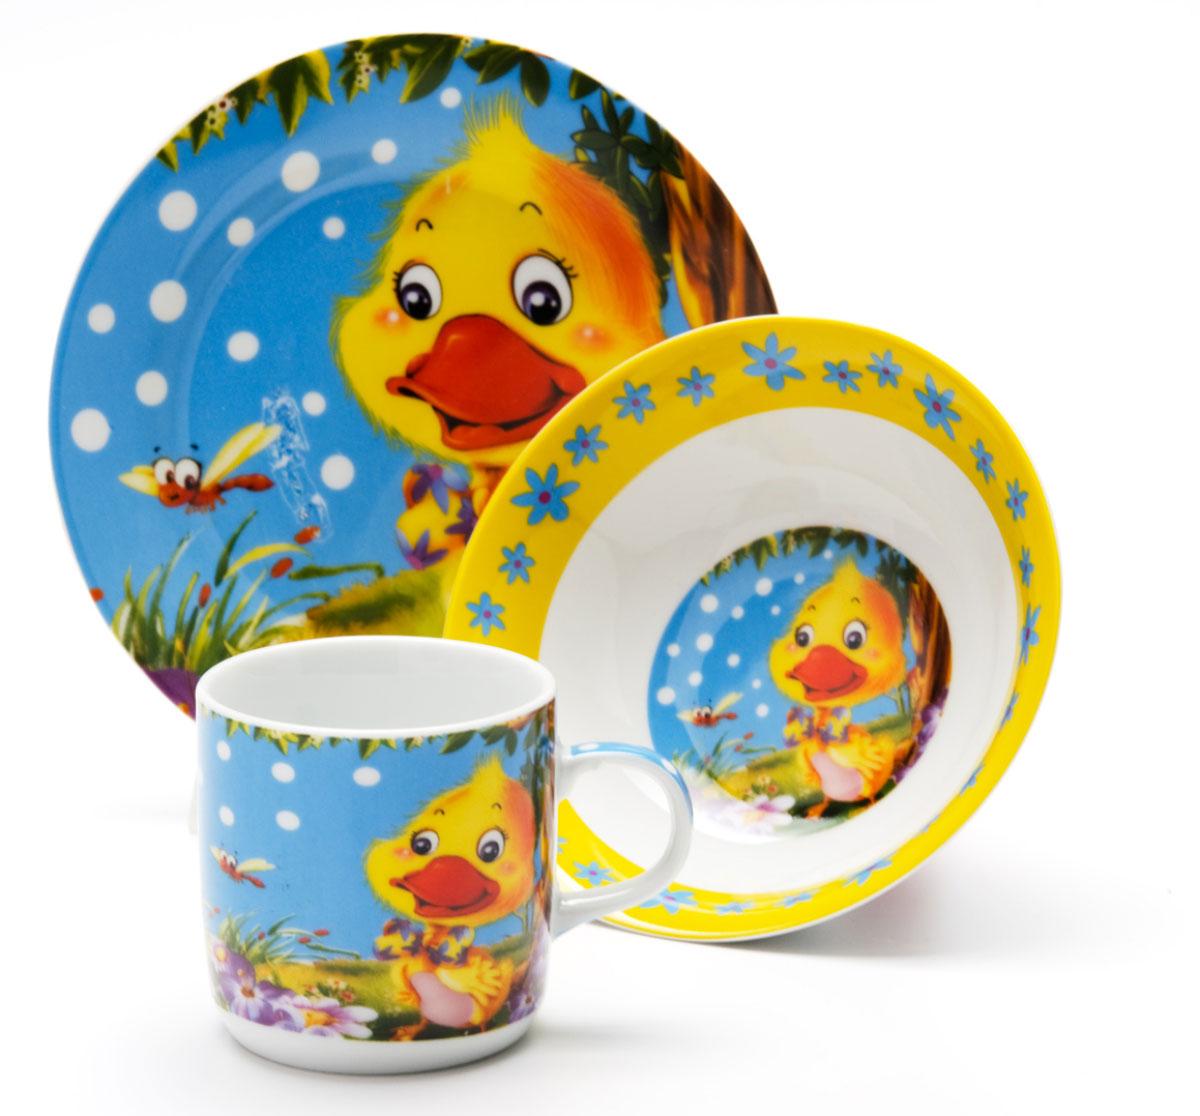 Набор посуды Loraine Утенок, 3 предмета24023Набор посуды Loraine сочетает в себе изысканный дизайн с максимальной функциональностью. В набор входят суповая тарелка, обеденная тарелка и кружка.Предметы набора выполнены из высококачественной керамики, декорированы красочным рисунком. Благодаря такому набору обед вашего ребенка будет еще вкуснее. Набор упакован в красочную, подарочную упаковку. Диаметр суповой тарелки: 15 см.Диаметр обеденной тарелки: 17,5 см.Объем кружки: 230 мл.